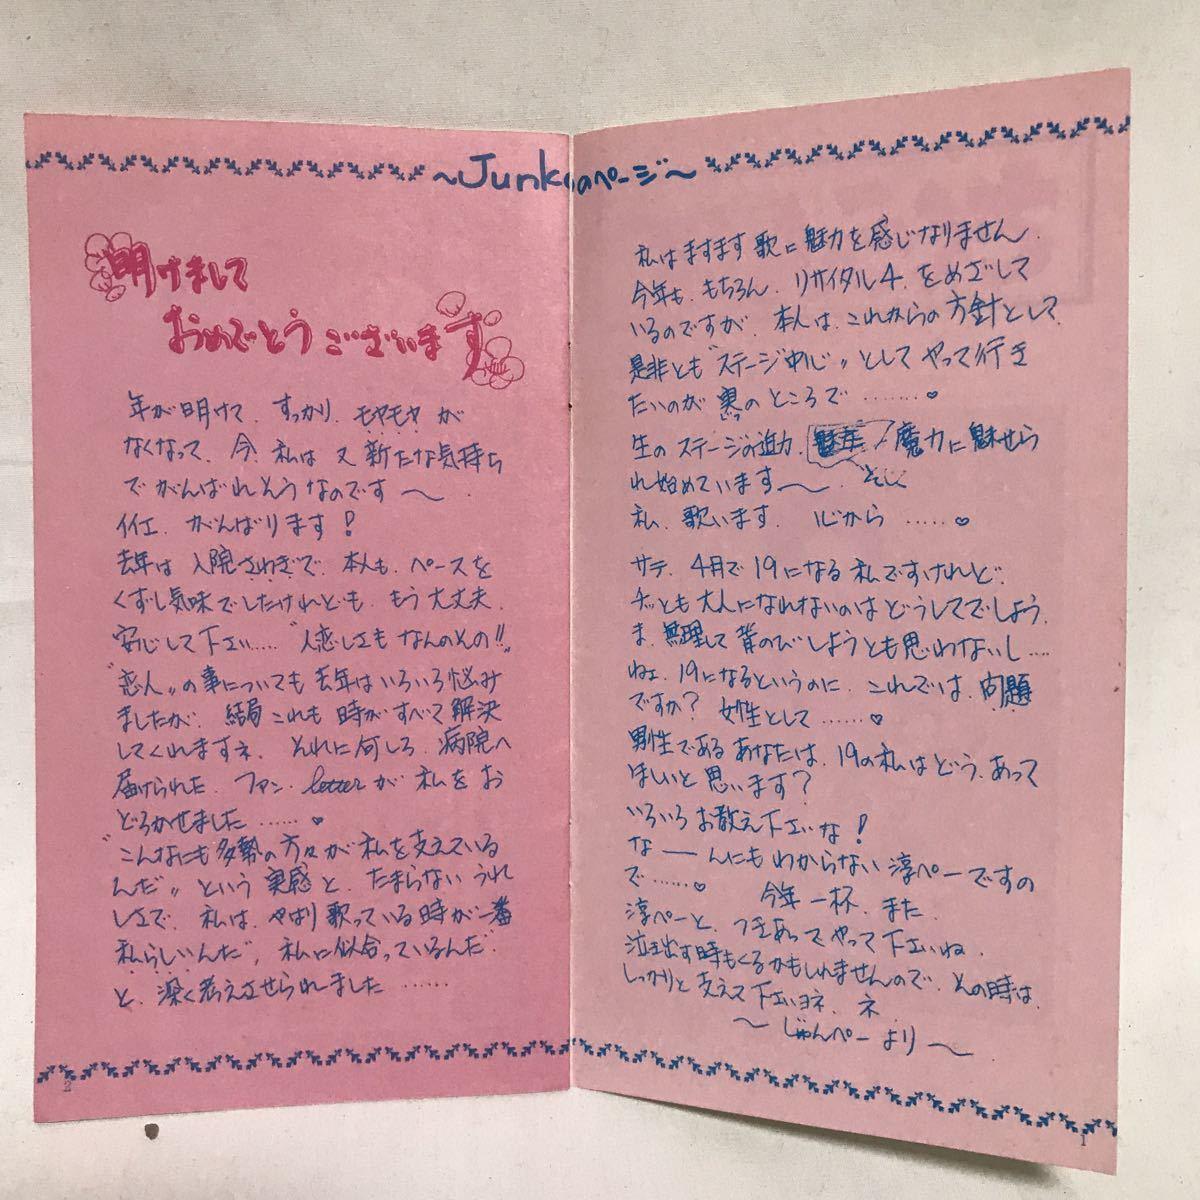 桜田淳子ファンクラブ会報誌/さくらんぼNo.22★昭和52年(1977年)発行 _画像2